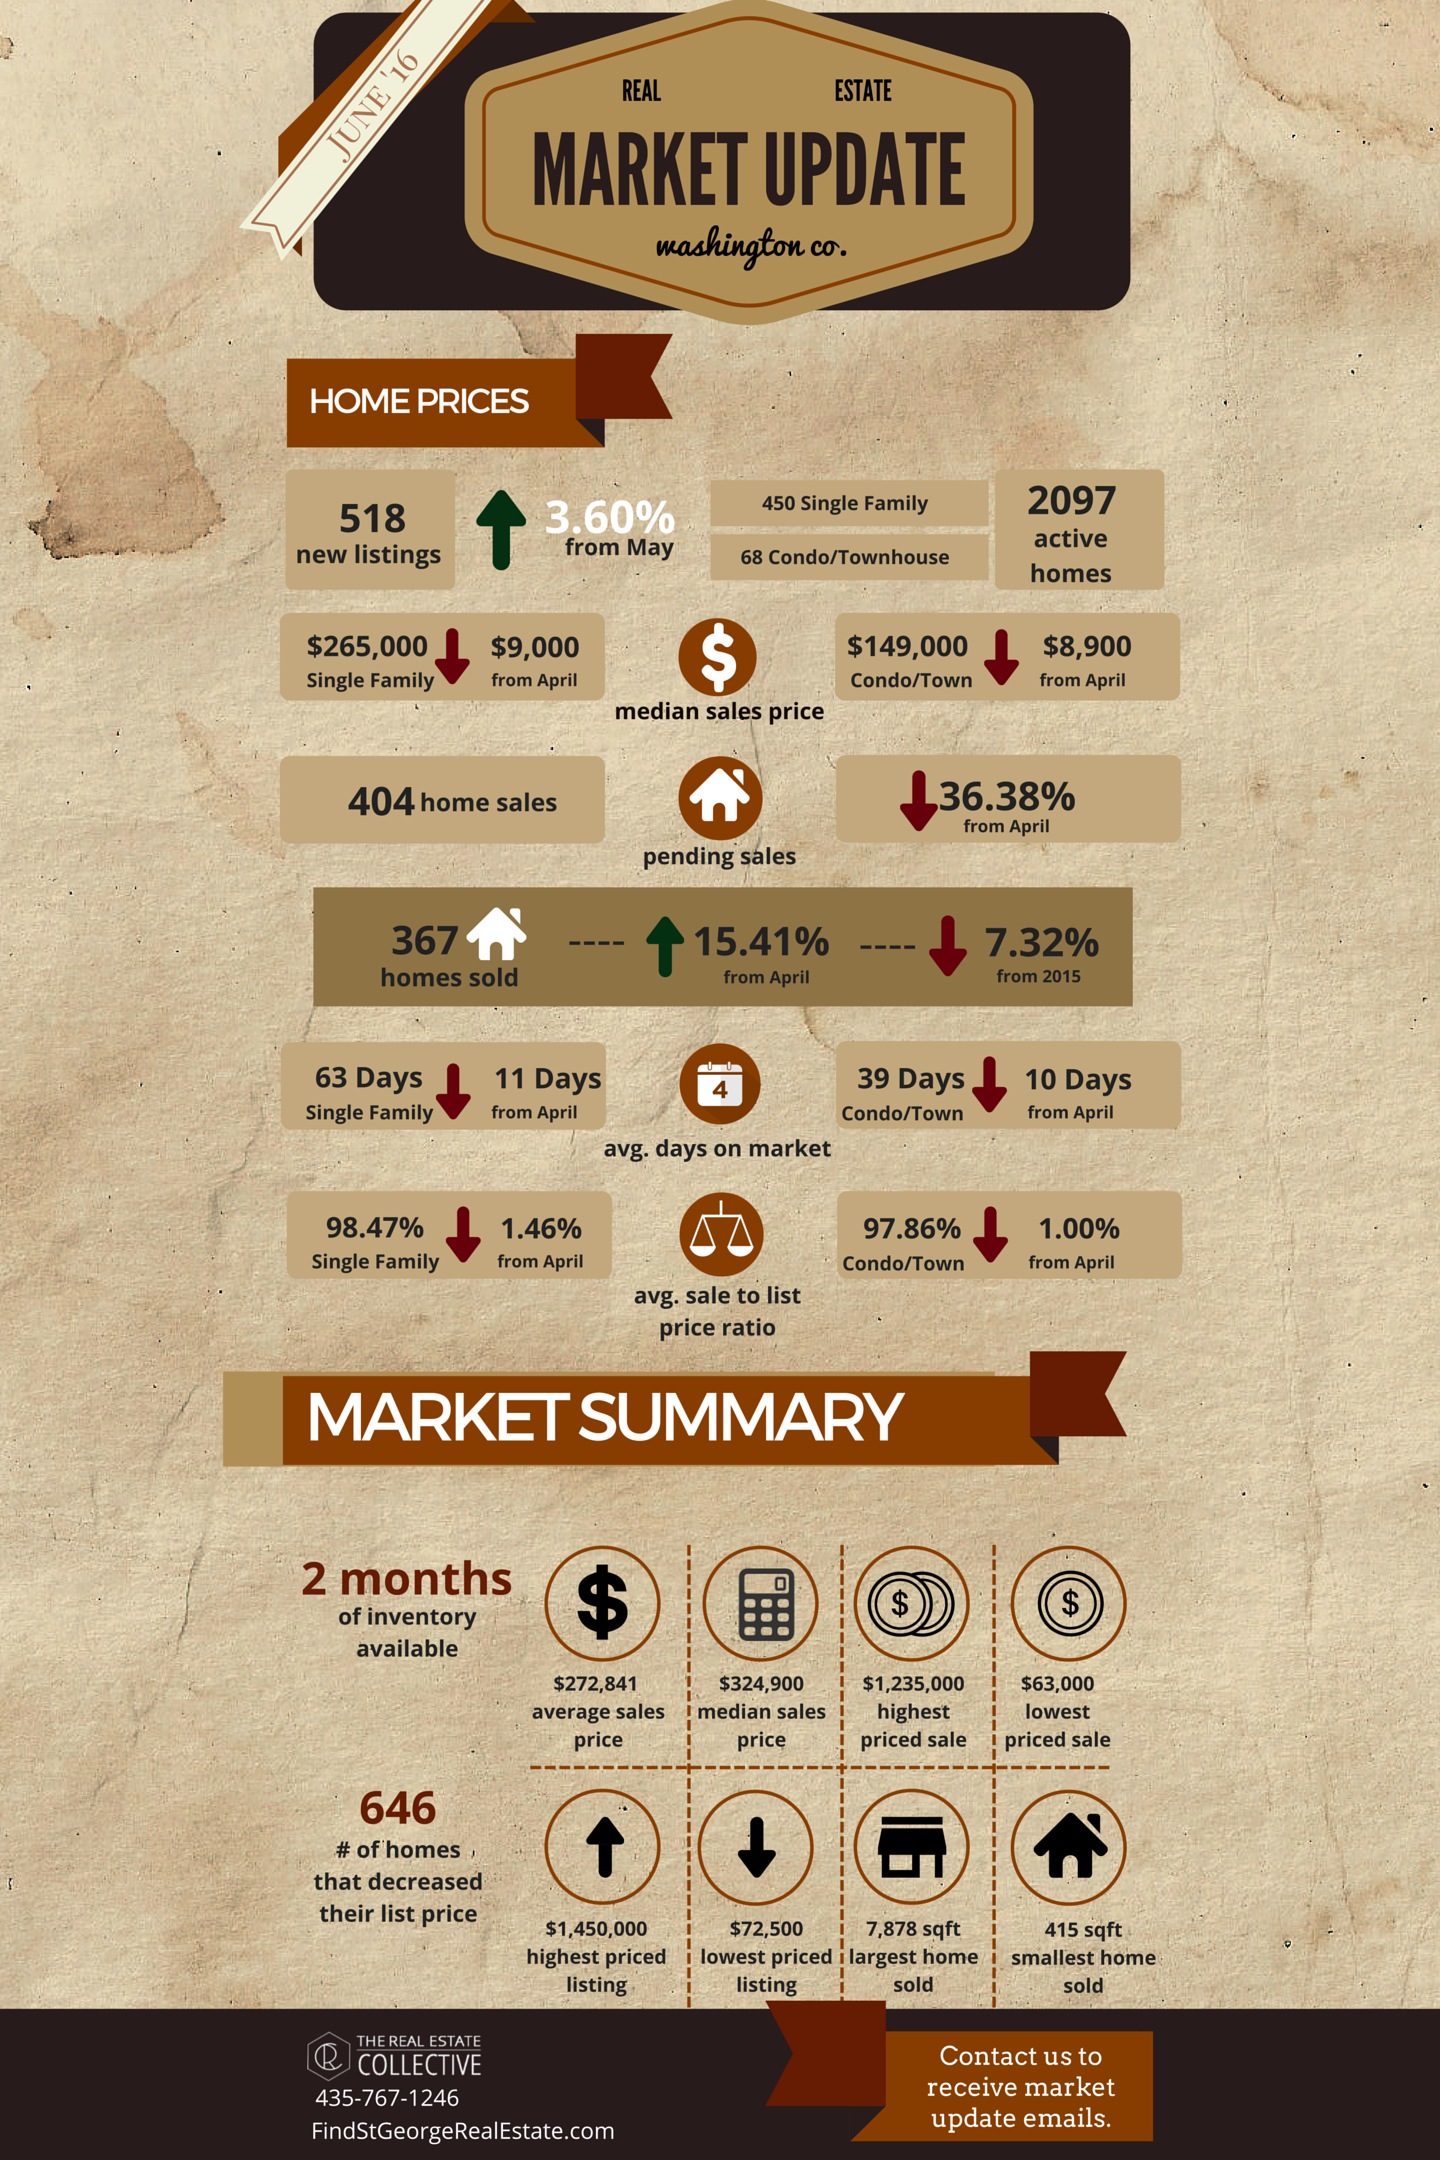 June 2016 Market Update Infographic